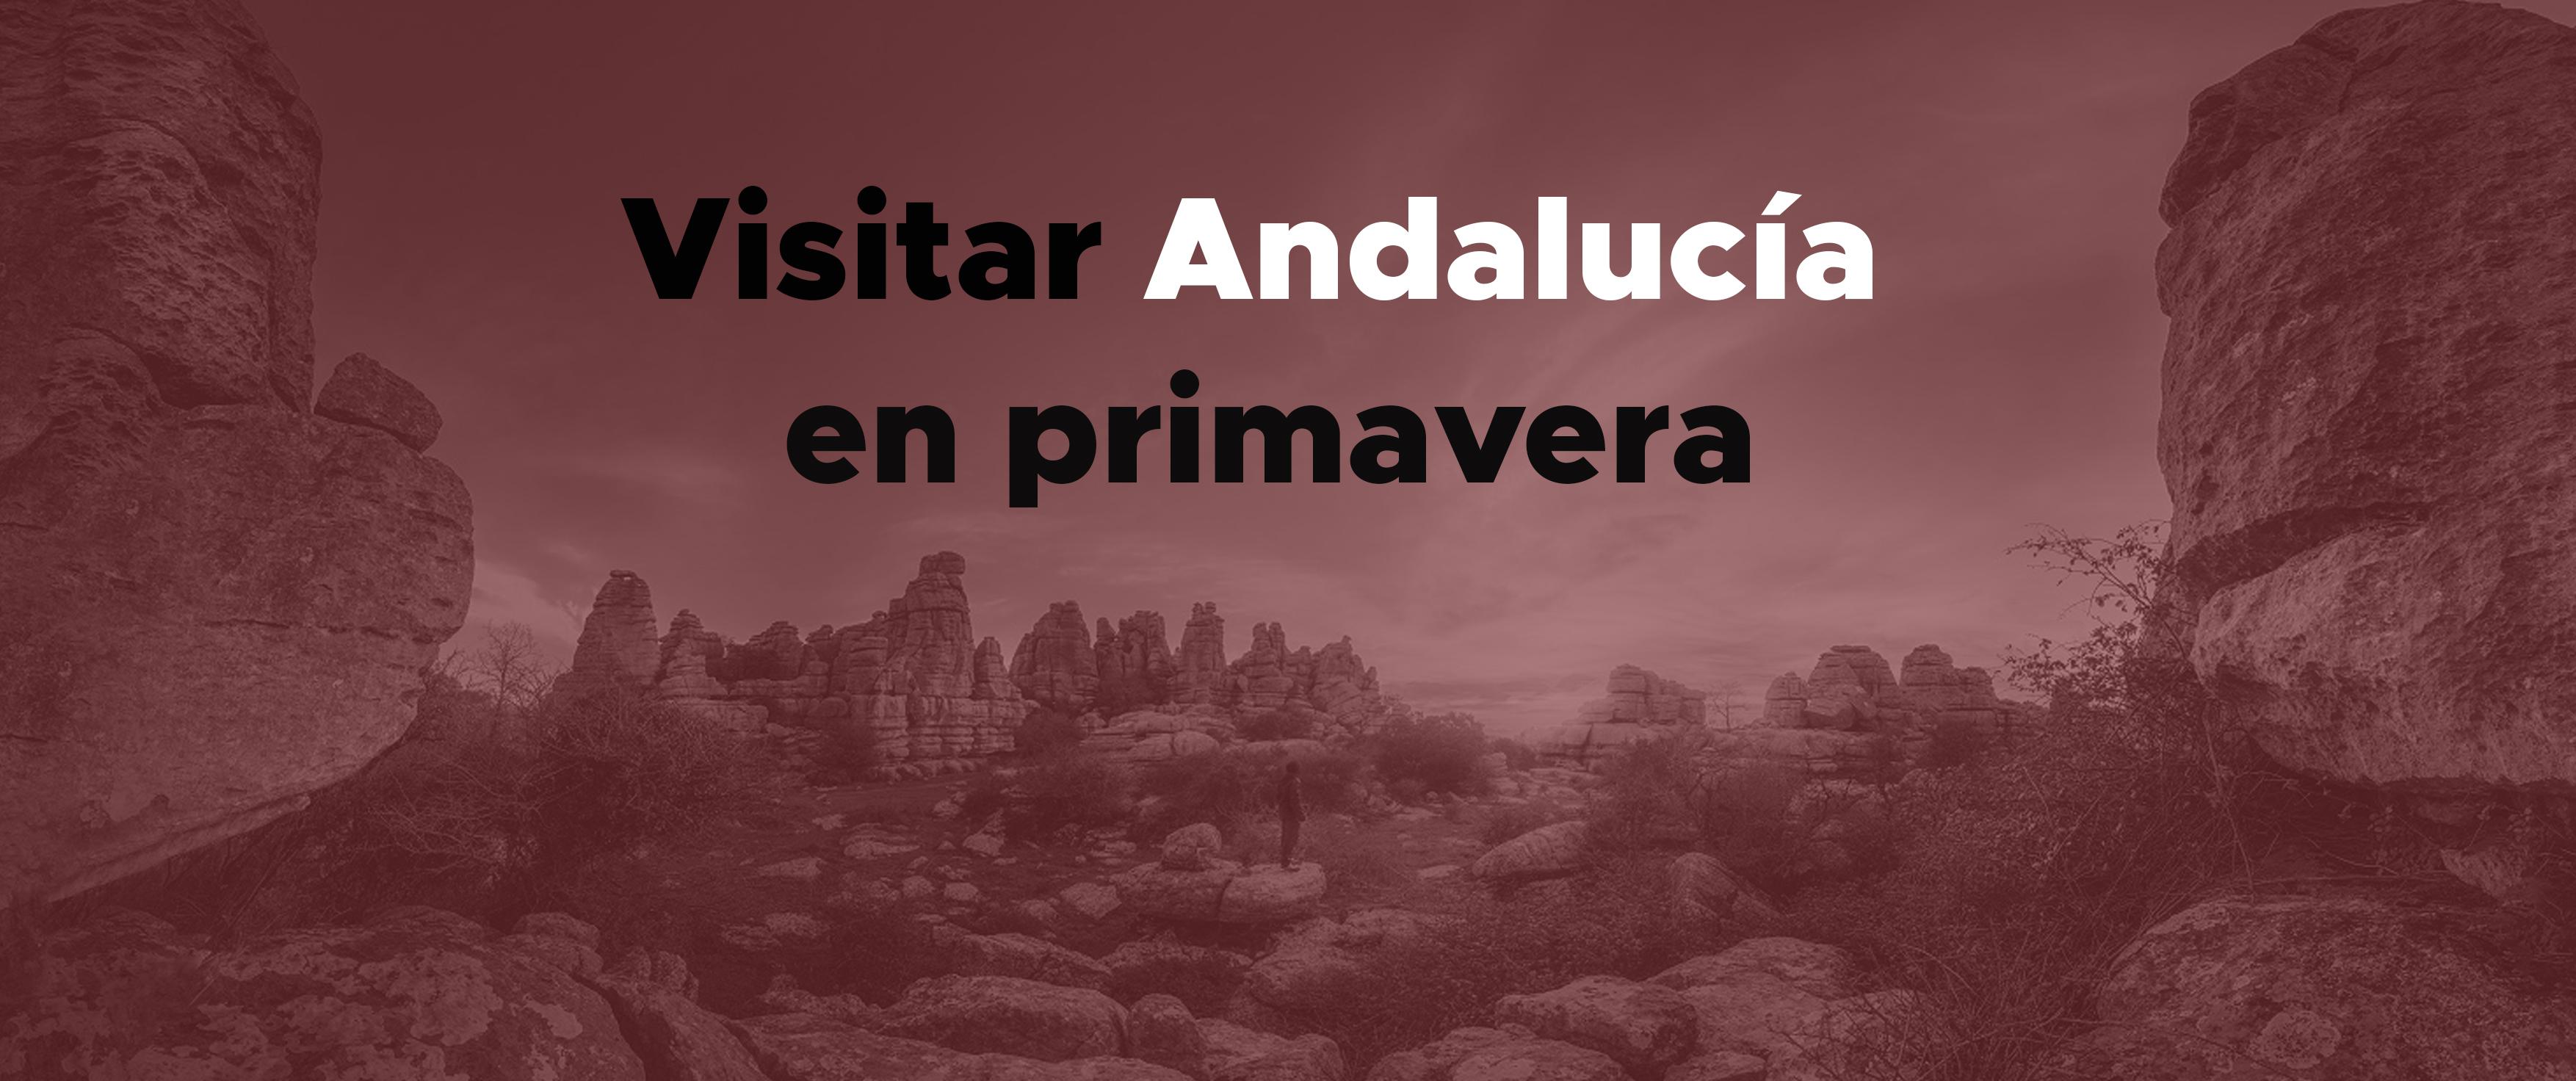 Viajar a Andalucía esta primavera: lugares tranquilos y desconocidos para volver a disfrutarla